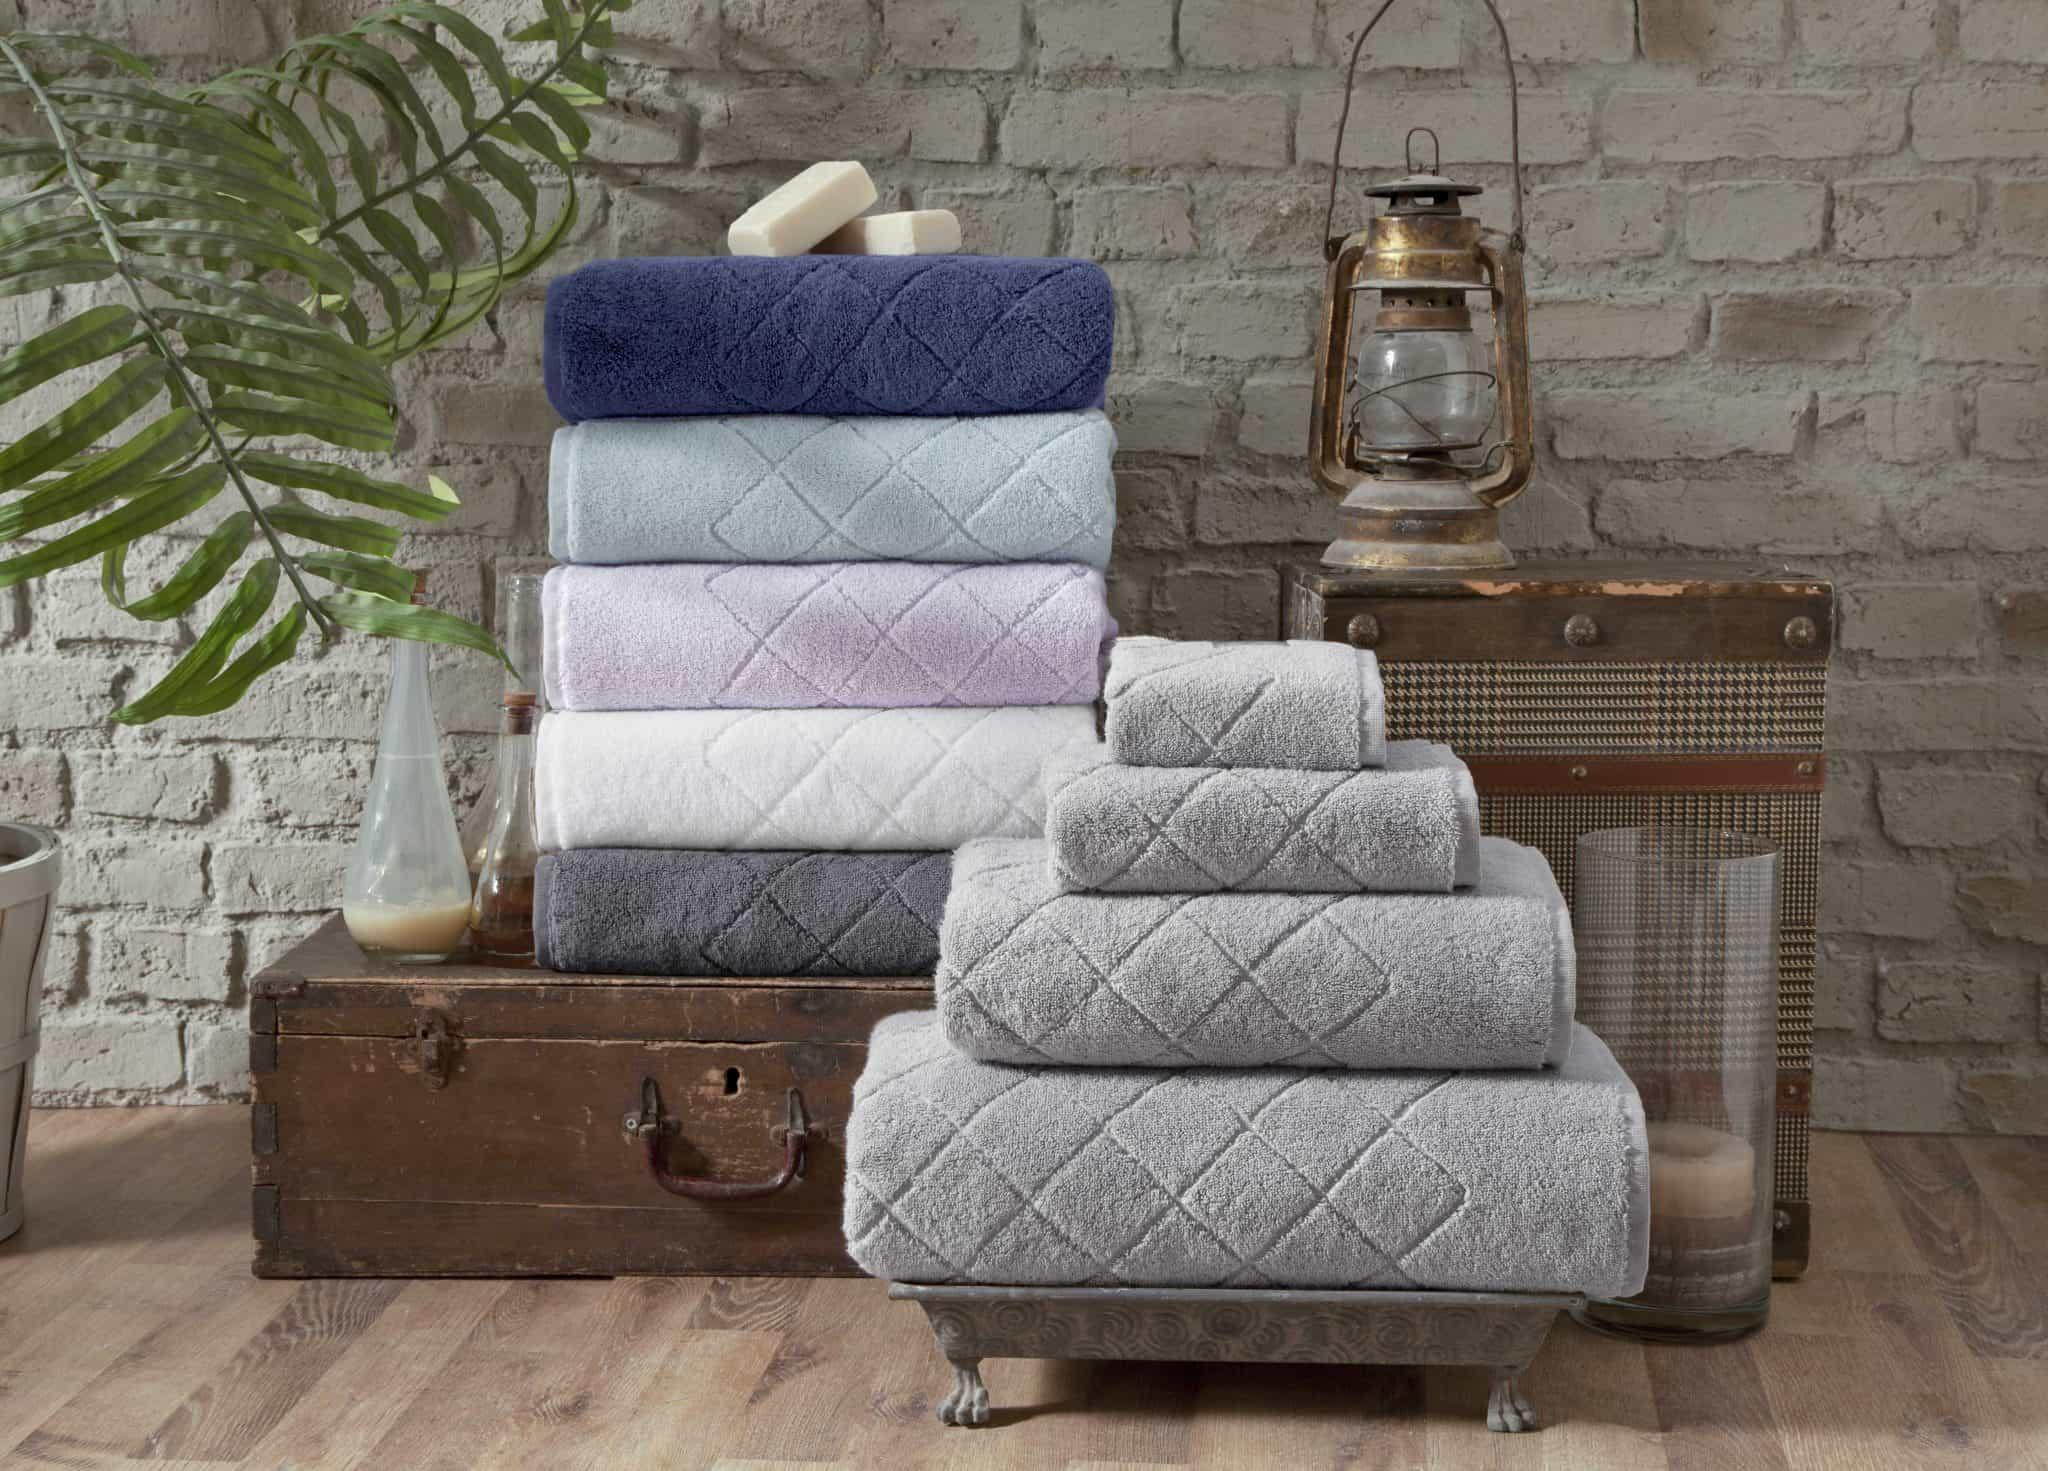 towel stacks